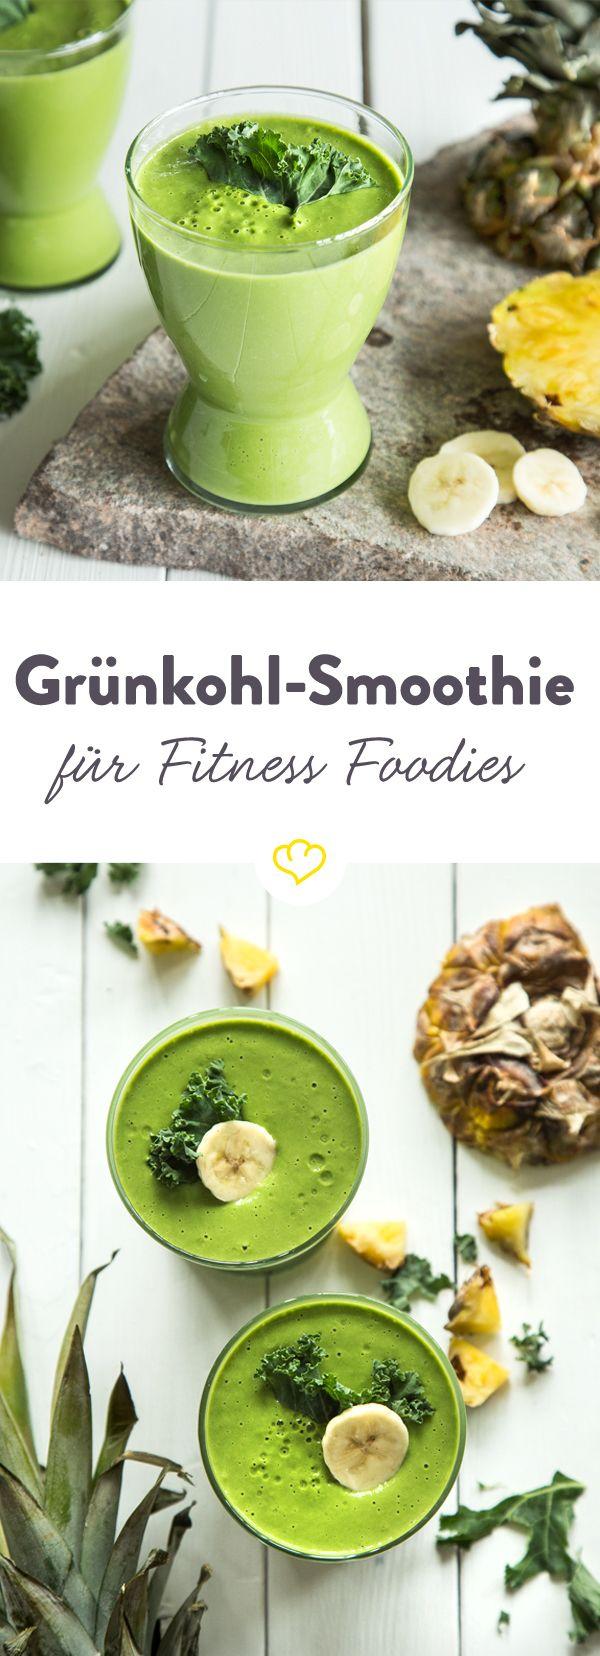 Mach deinen Smoothie zum grünen Powershake: mit Grünkohl, Ananas, Erdnussbutter und Joghurt füllt er die Energiespeicher mit einem Schluck wieder auf.